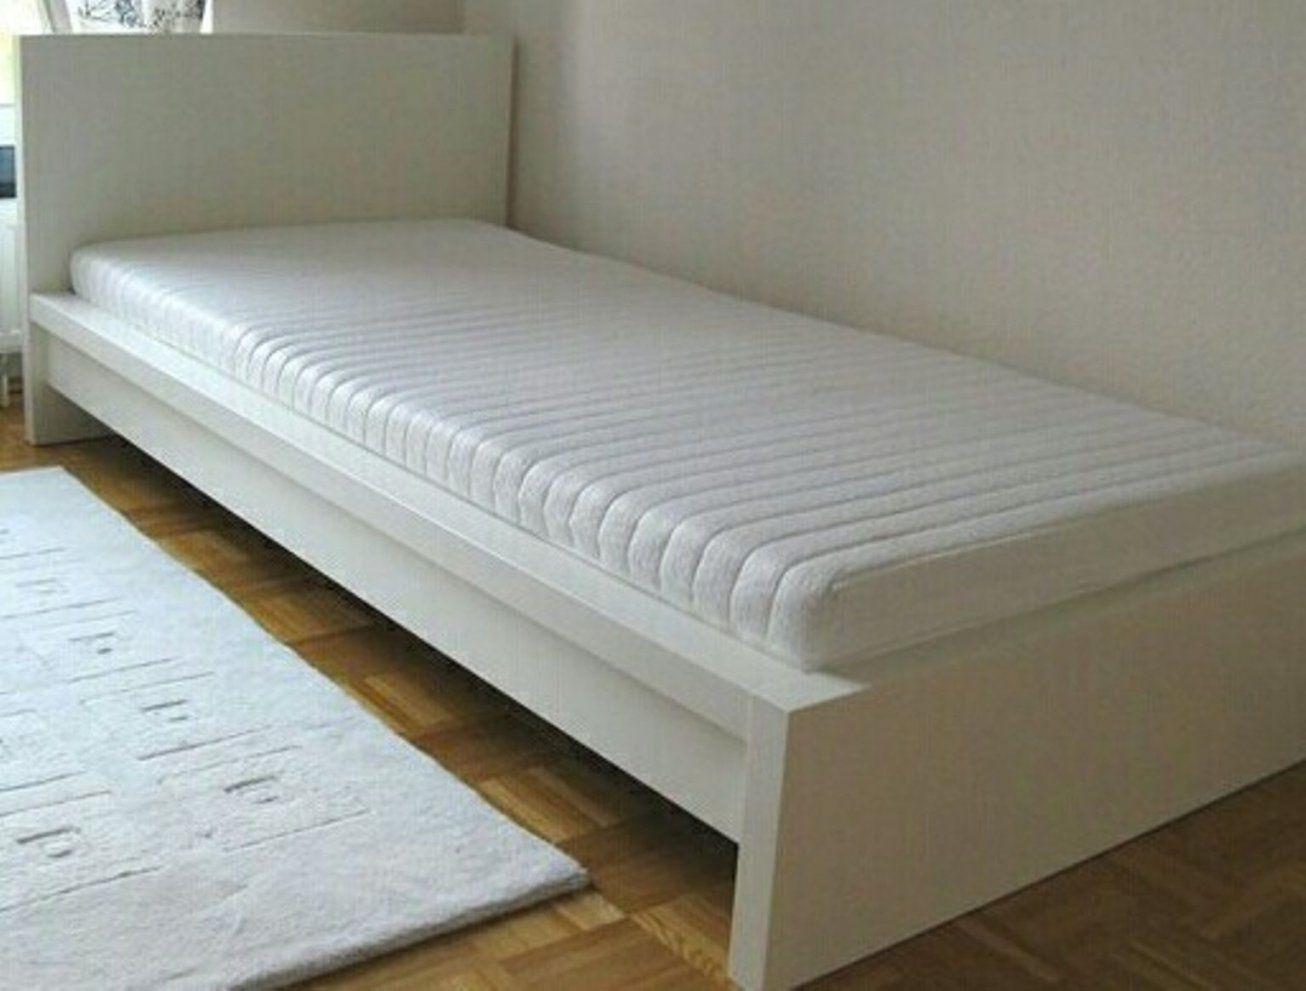 Ikea Malm Bett 90X200 – Eyesopen von Ikea Malm Bett 90X200 Photo